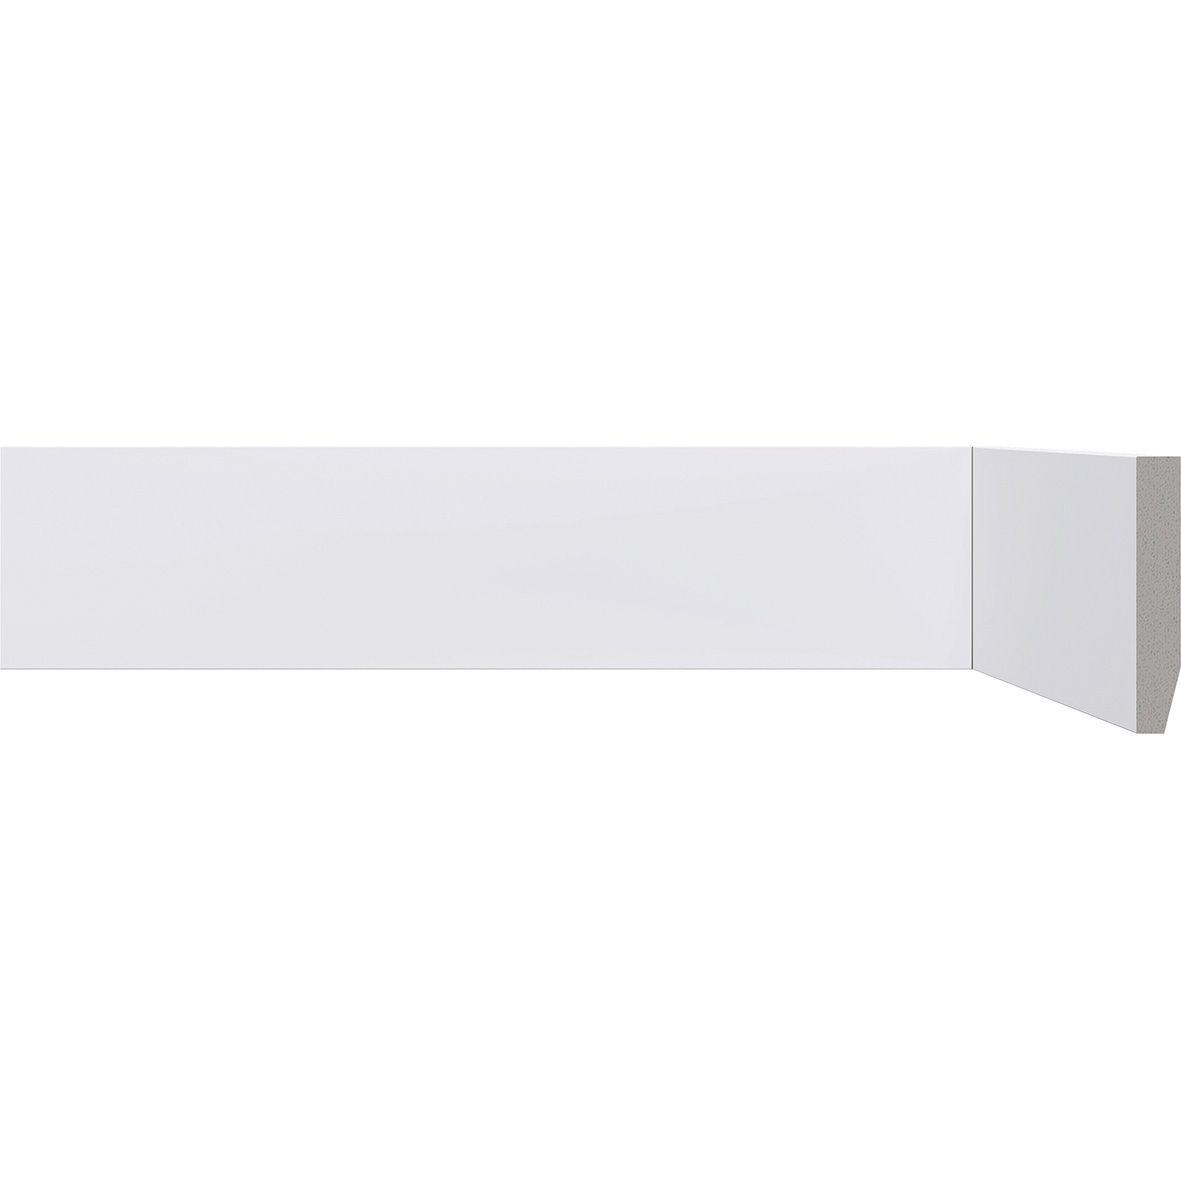 Rodapé Branco Premium 7 Cm Liso De Poliestireno